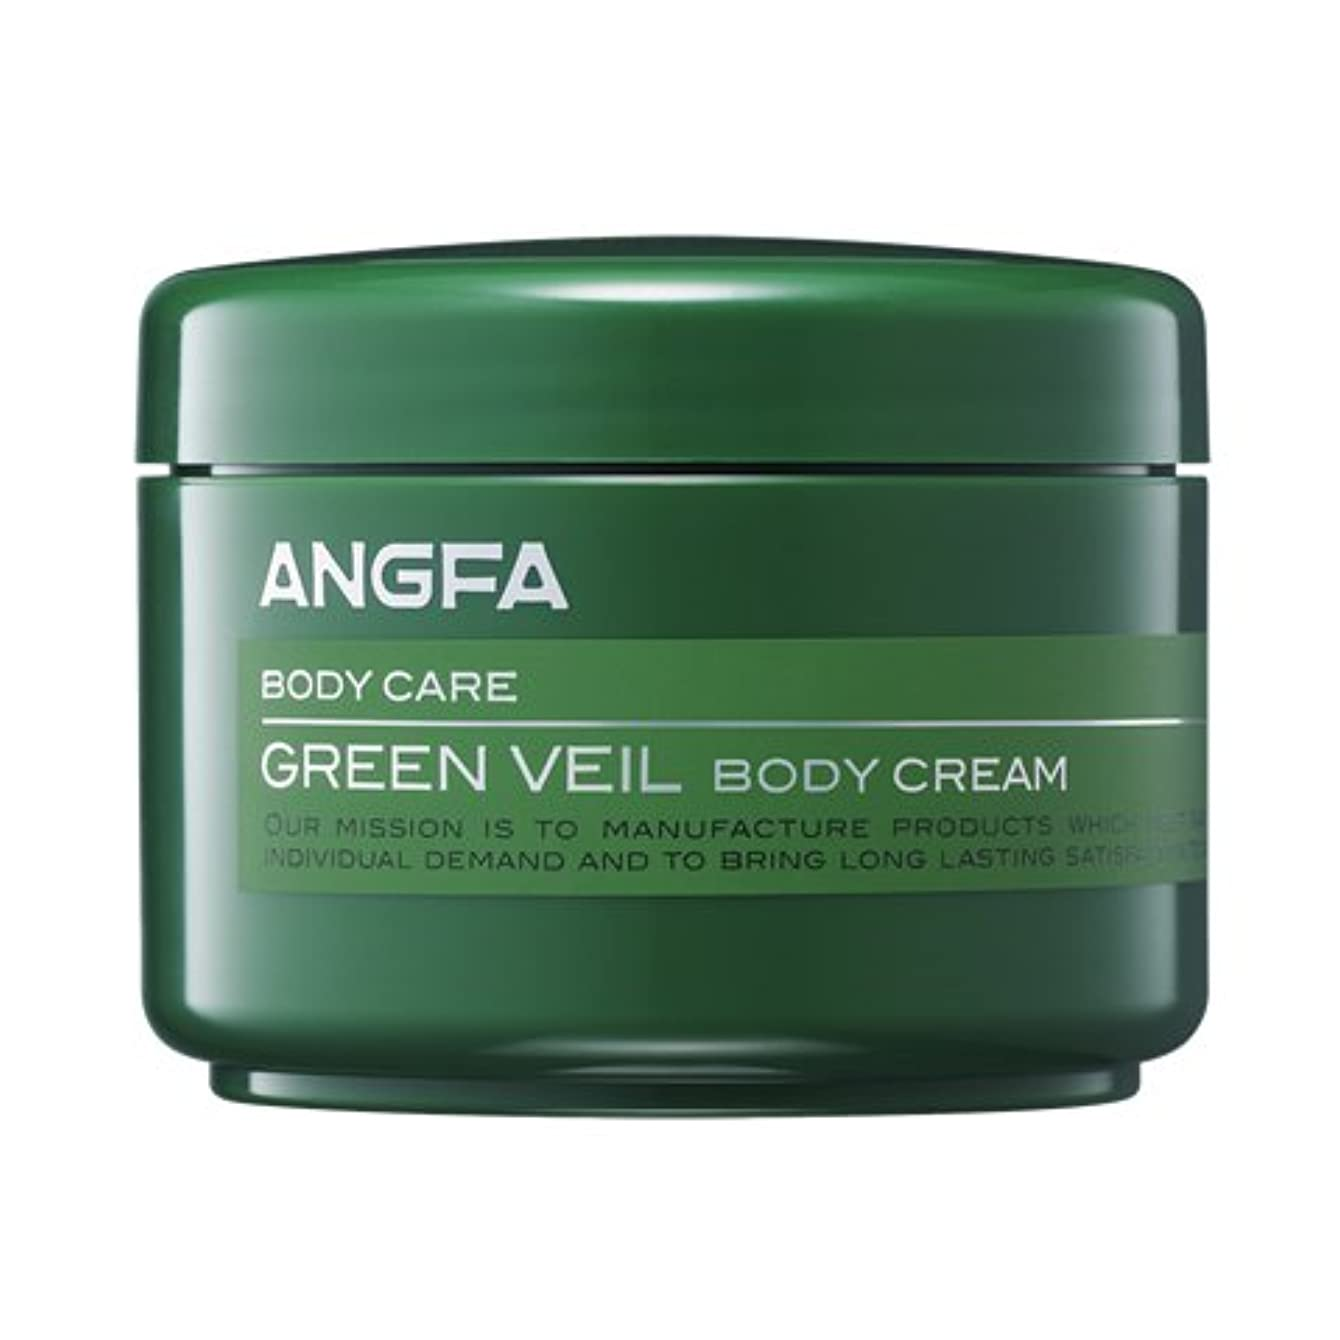 分析的正しい報酬アンファー (ANGFA) グリーンベール 薬用ボディクリーム 45g グリーンフローラル [乾燥?保湿] かゆみ肌